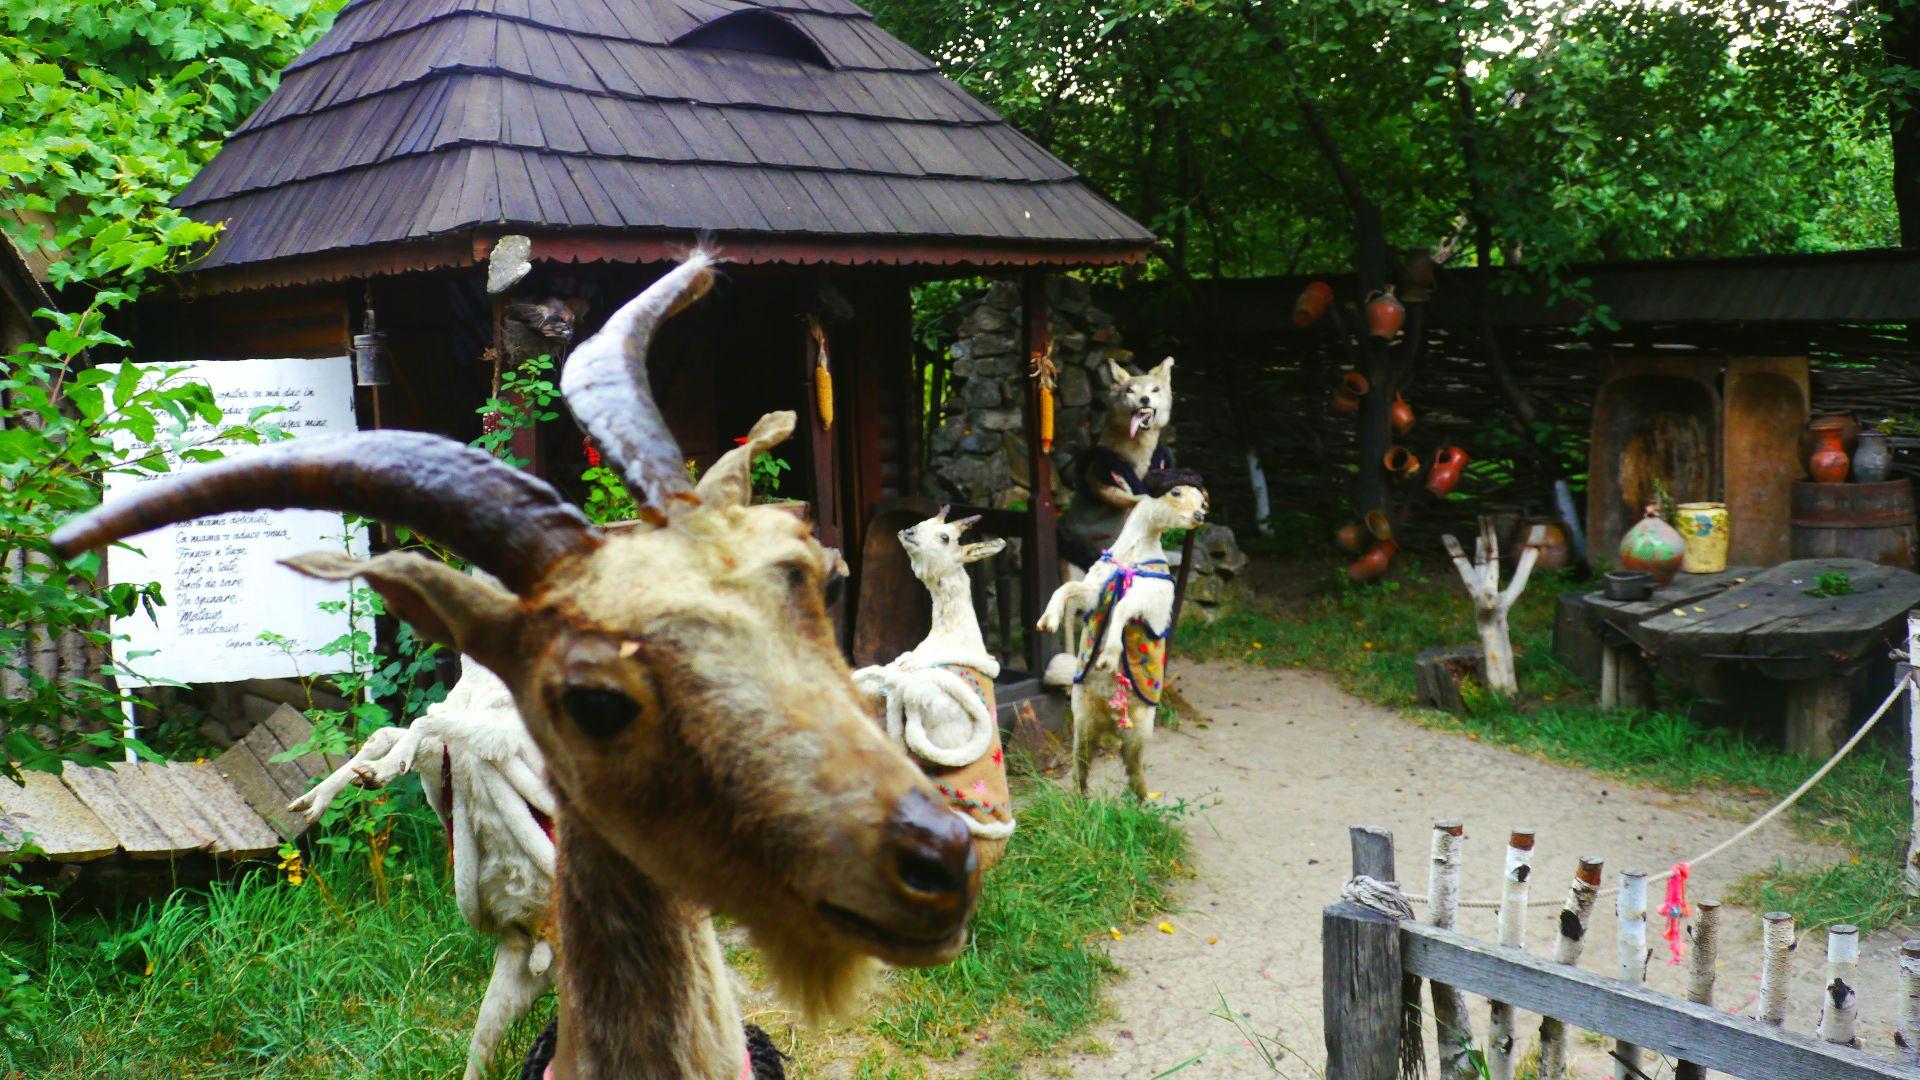 călătorie in Neamț vacanță în neamț casa memoriala ion creangă amintiri din copilarie casa humulesti, povești ion creanga personaje povești ion creanga